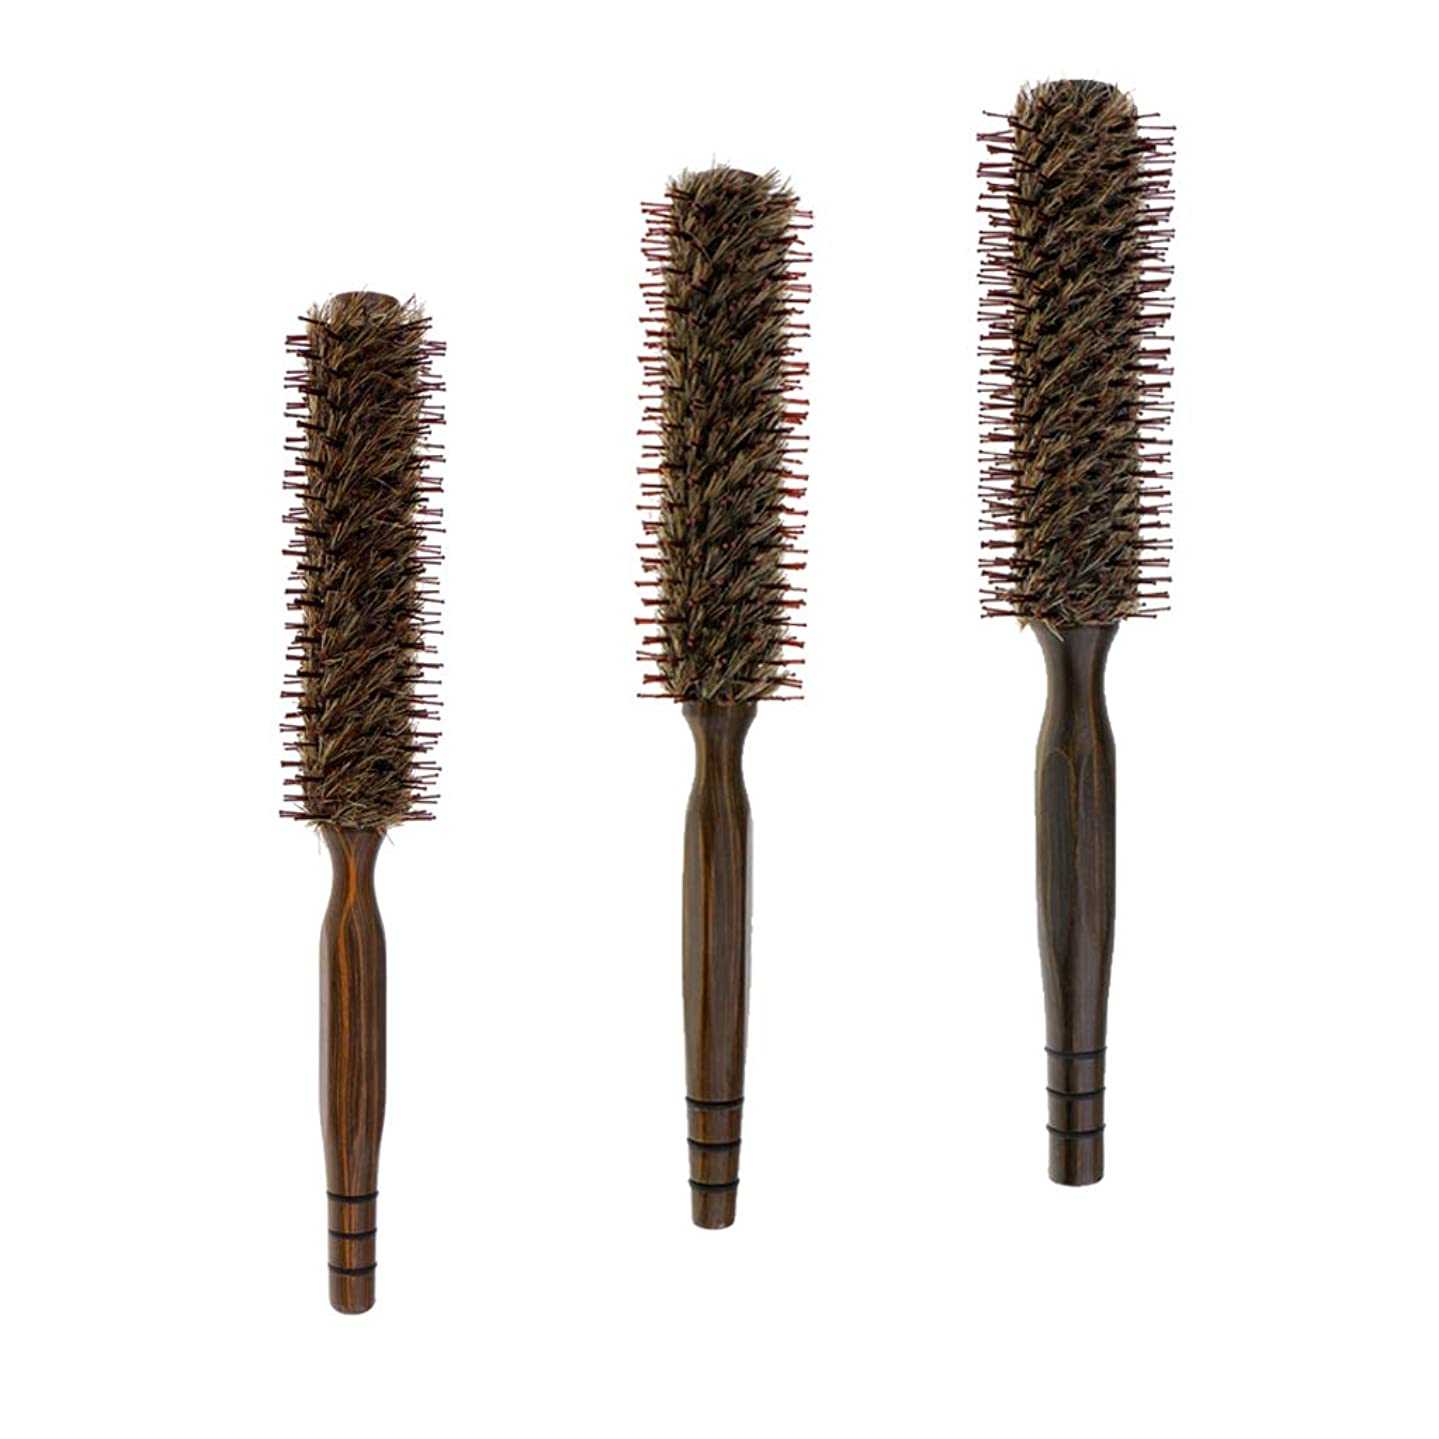 持ってる良さ哲学B Baosity 3本 ヘアブラシ 木製櫛 ロールブラシ プロ 美容師 ヘアサロン 自宅用